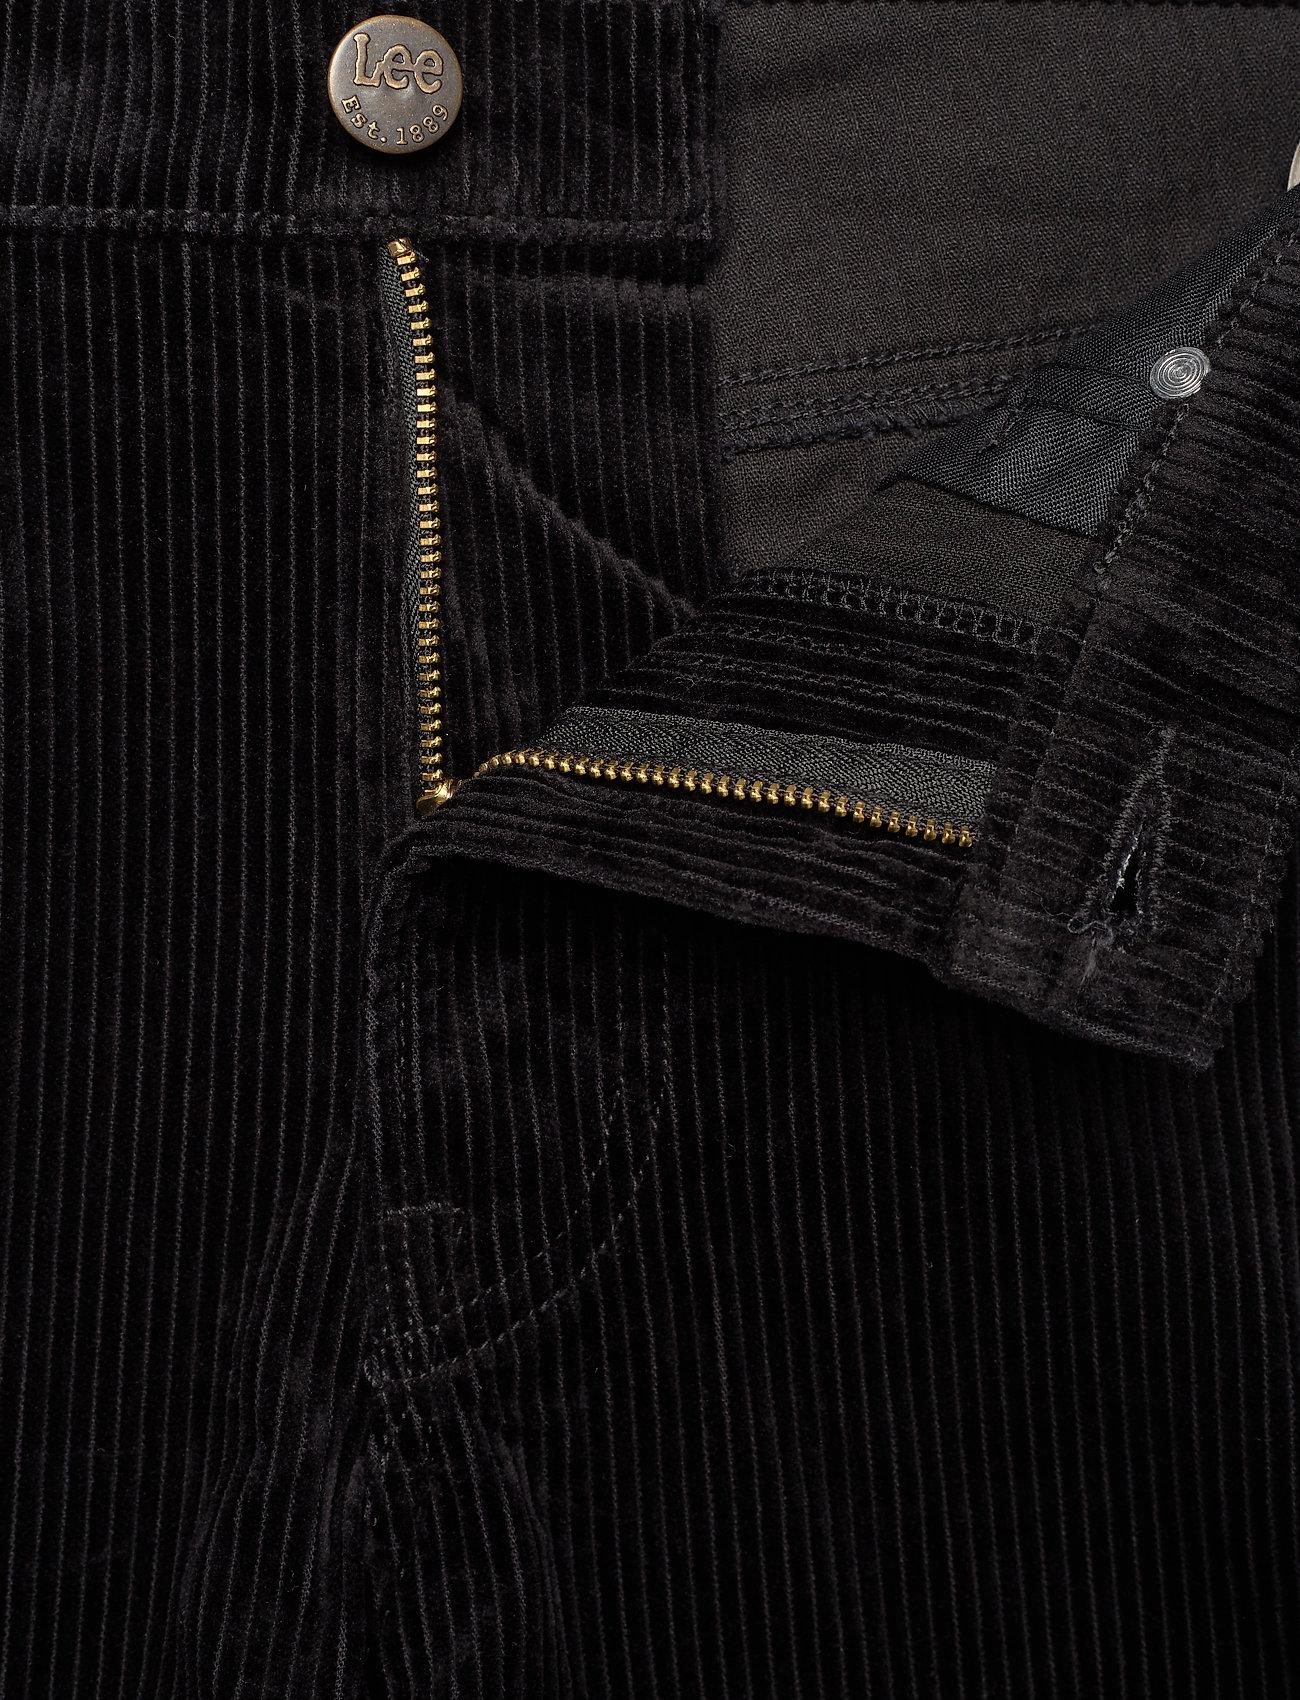 Lee Jeans RIDER- Pantalons C5vfTUws OBQXq RzKNWjvY